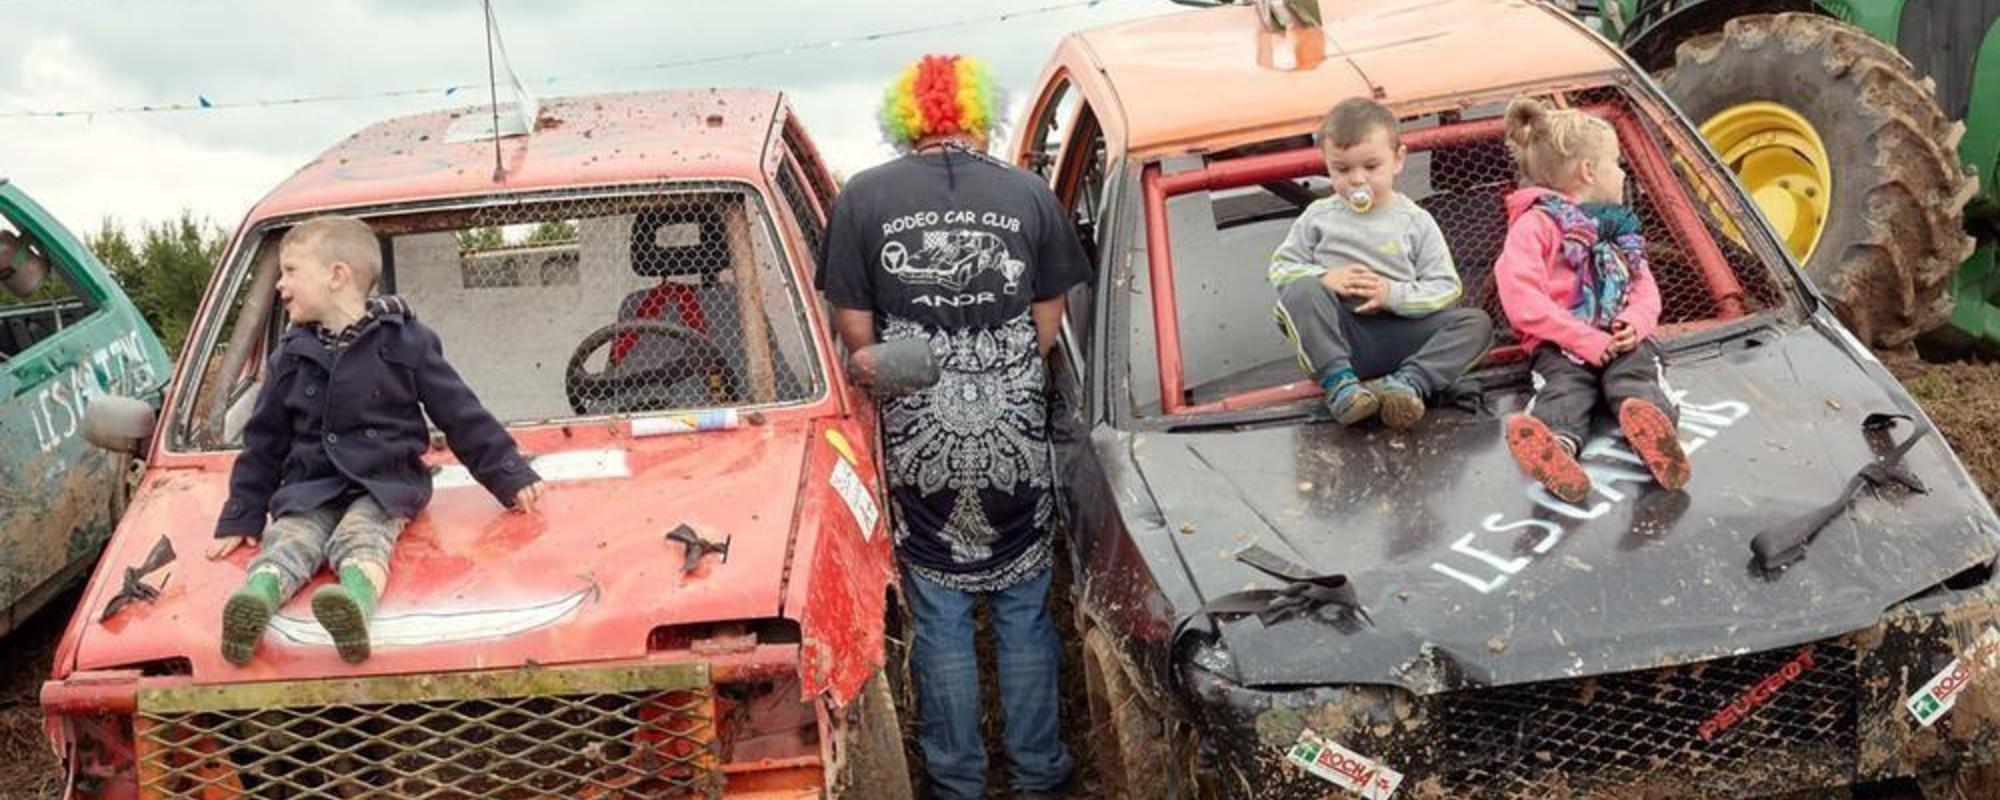 Fotos de una carrera de destrucción sucia y llena de lodo en Francia